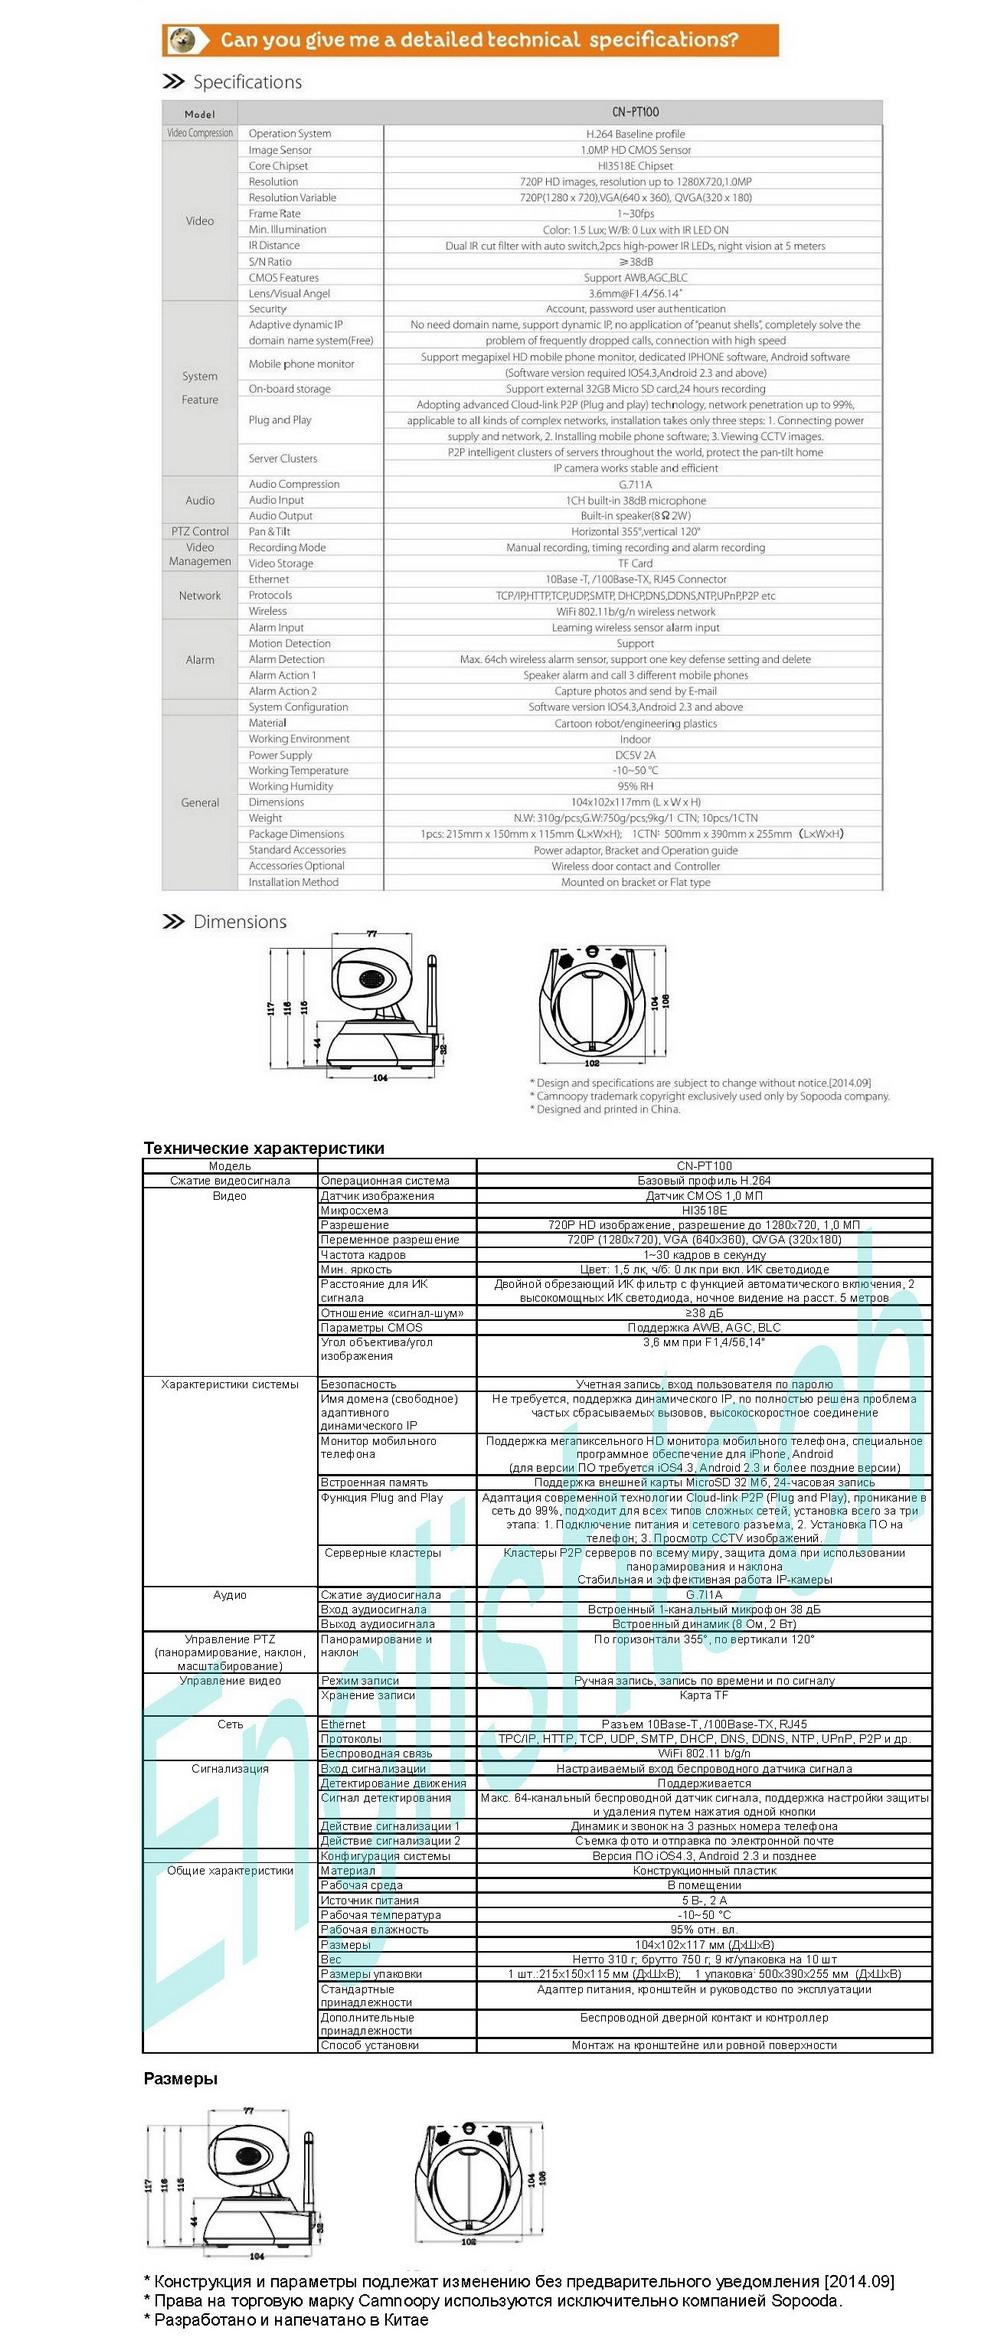 Спецификация и инструкция к камере видеонаблюдения